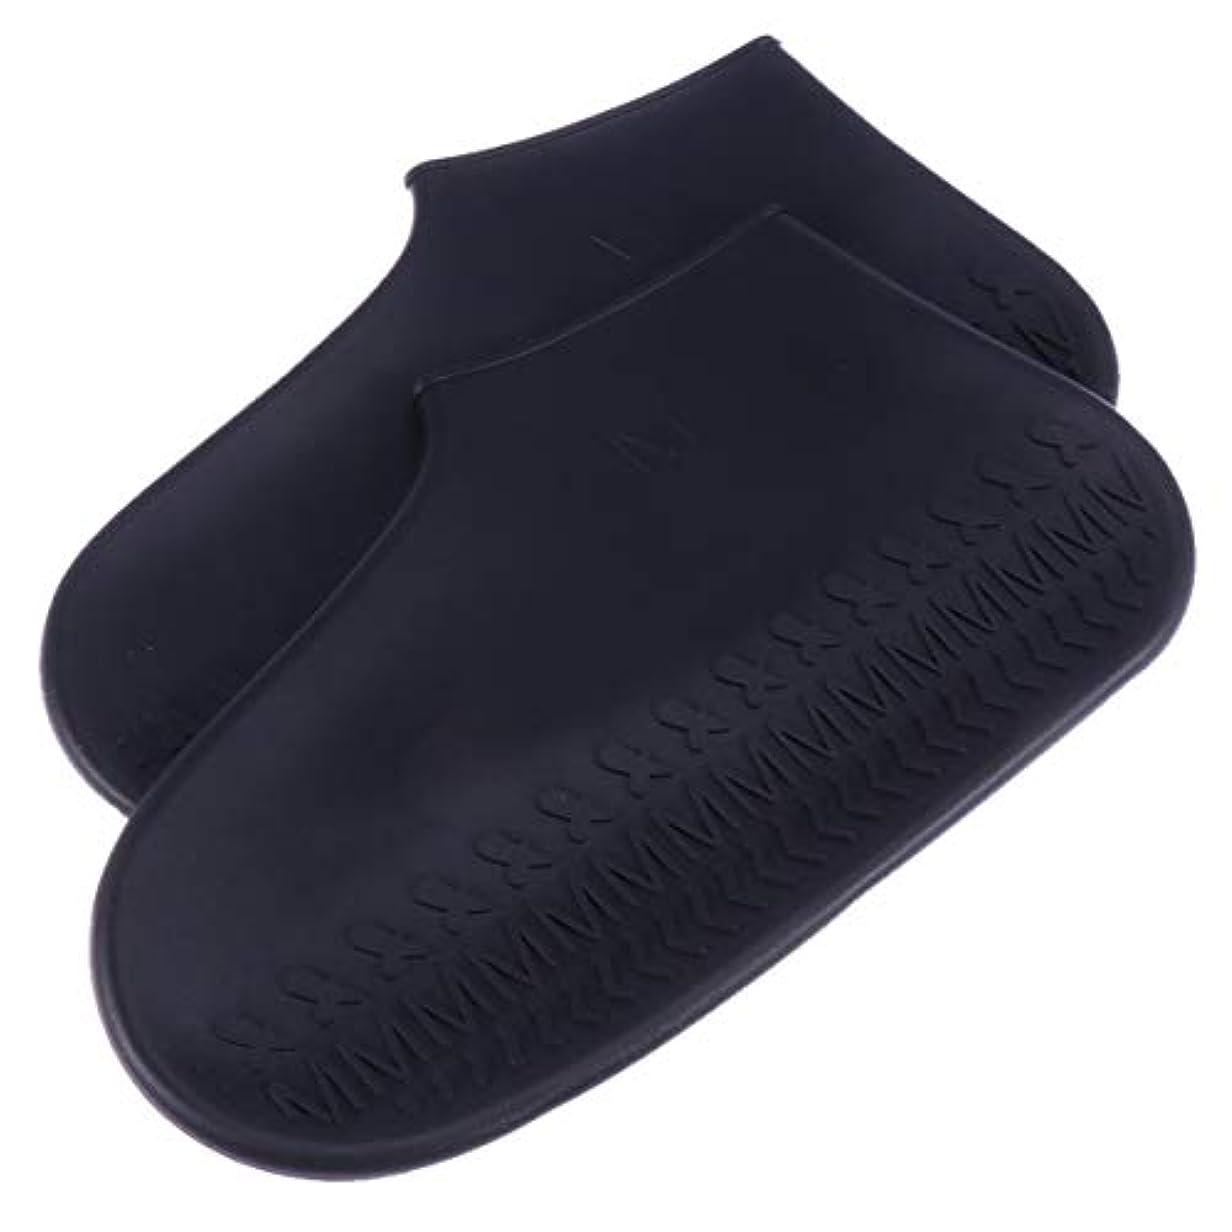 ウィンク反射虚栄心Healifty 滑り止め靴カバーブーツカバーサイズl(黒)